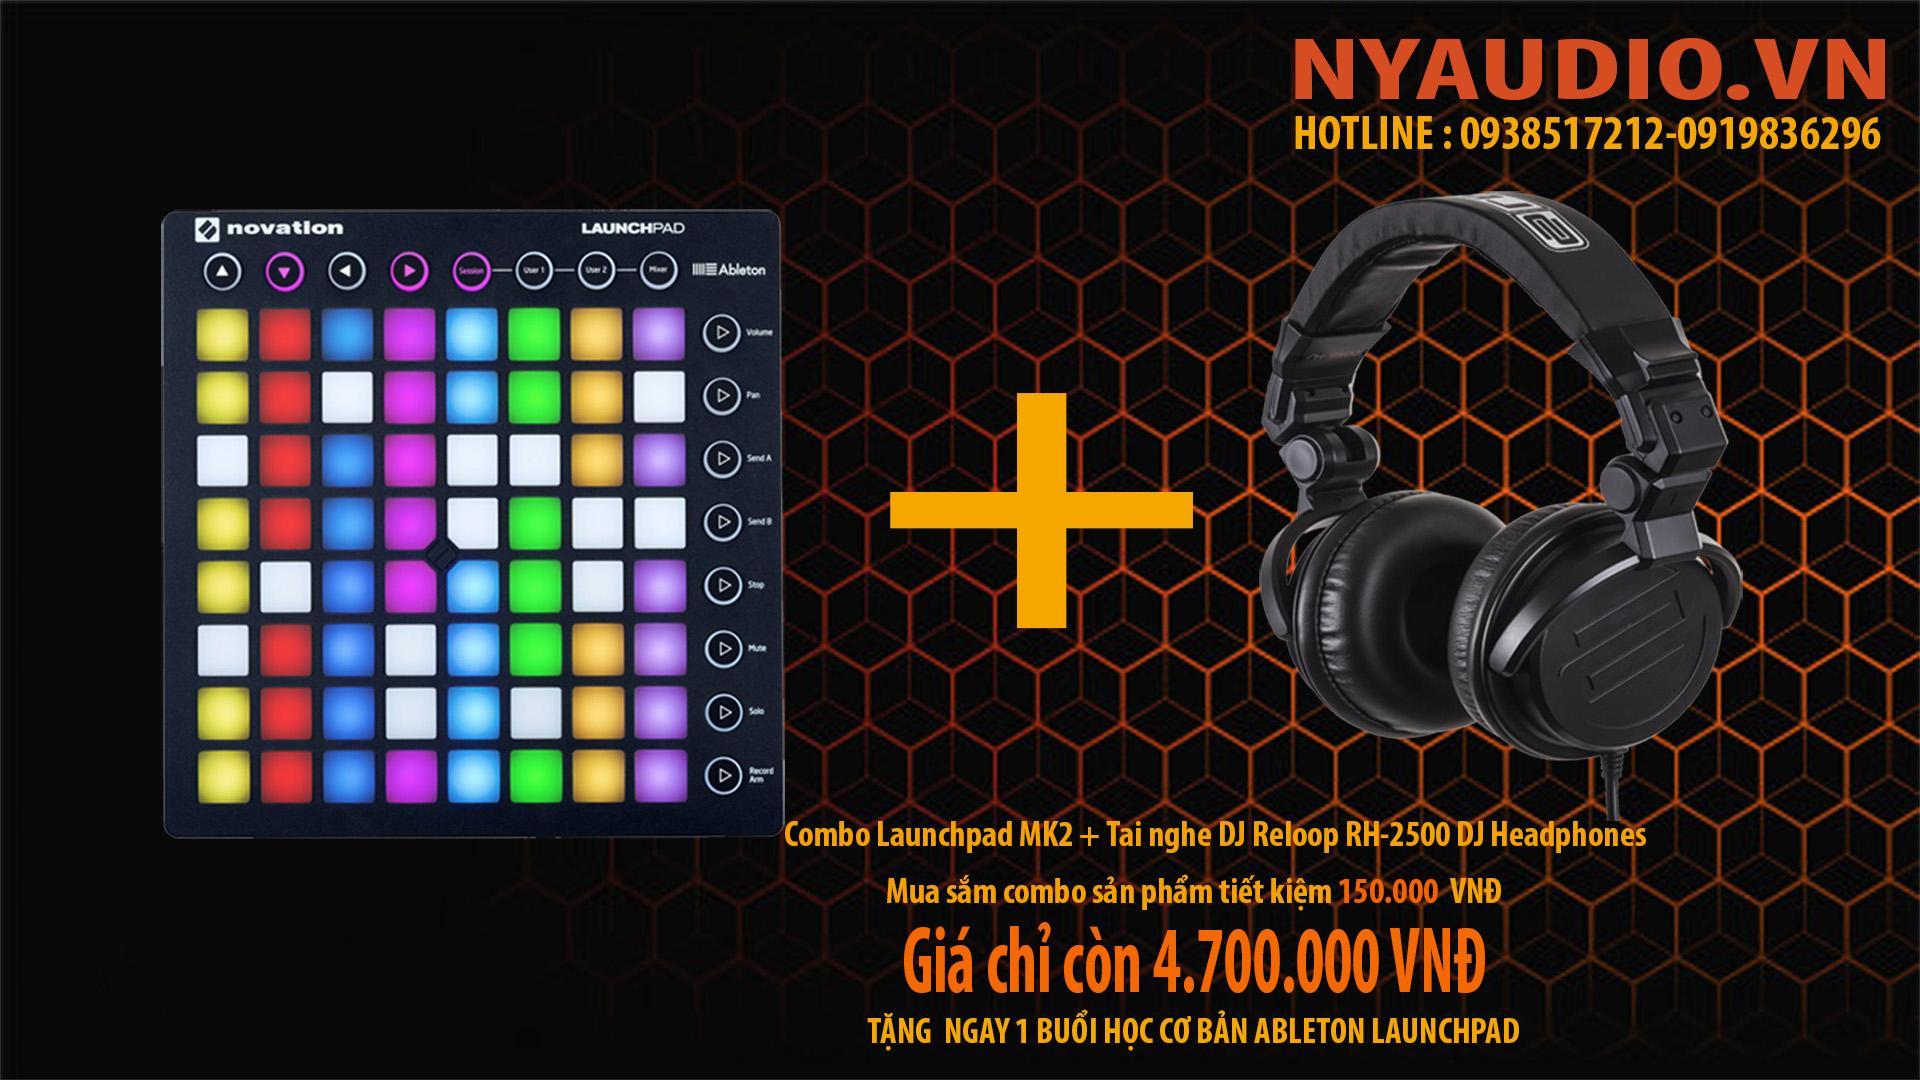 Launchpad Mk2 RGB và tai nghe Reloop RH-2500 DJ Headphones